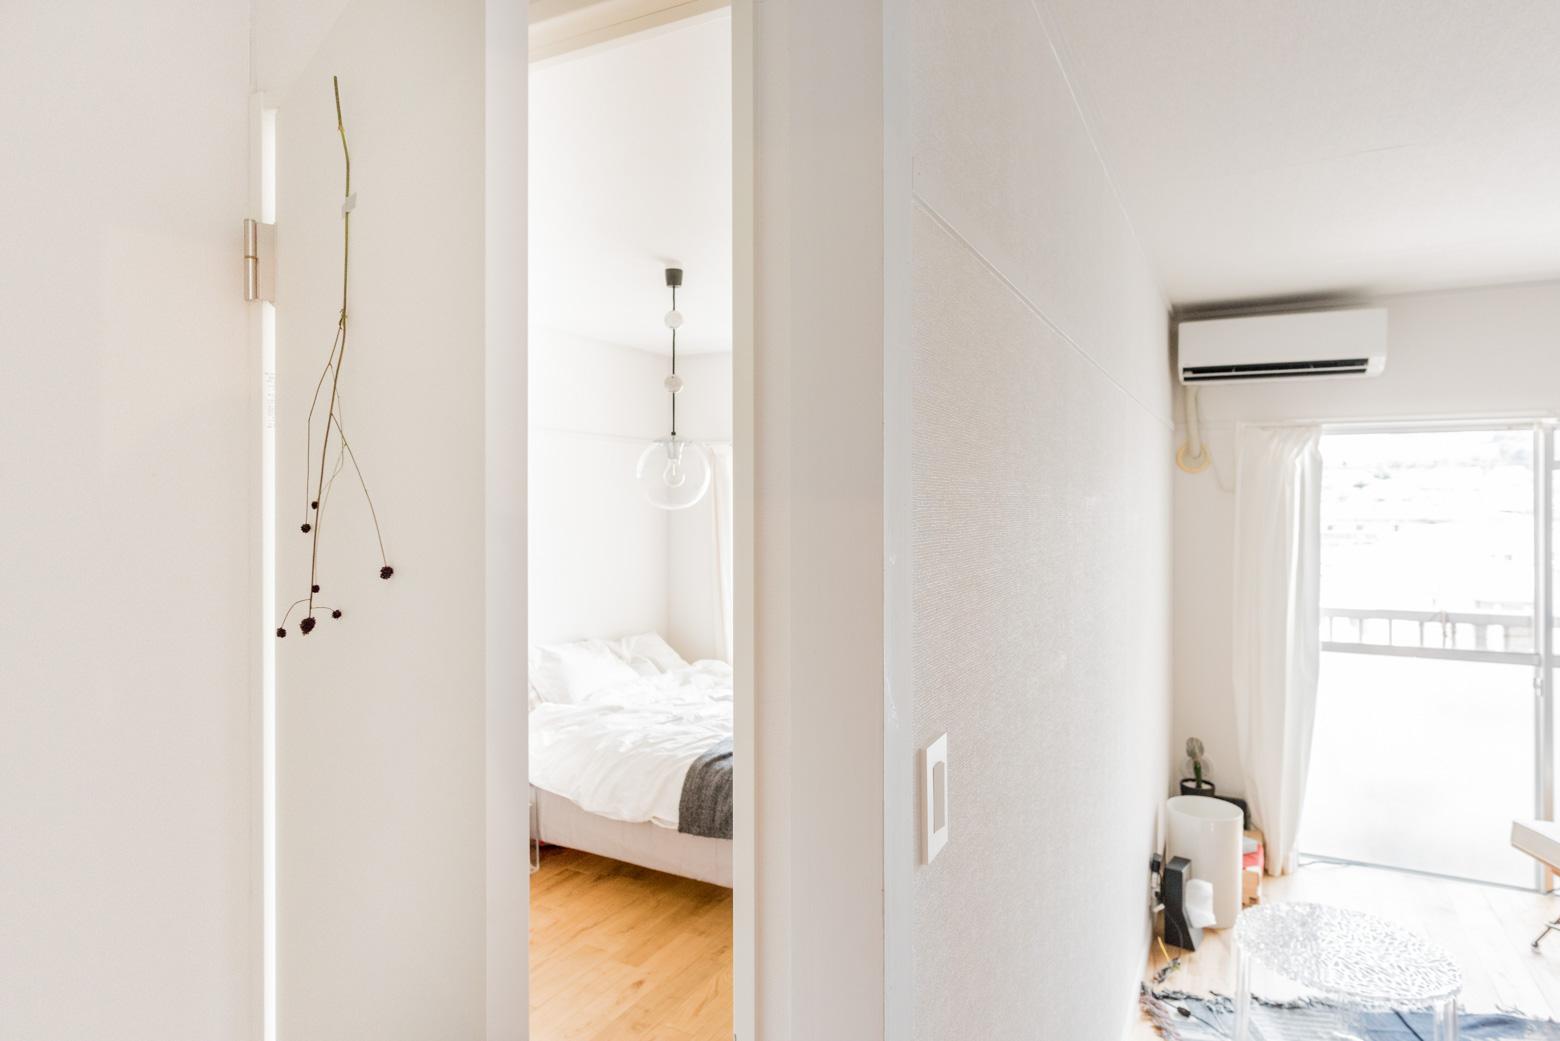 寝室や浴室などはこの並びと平行する形で区分けされている。すごくいい間取り。